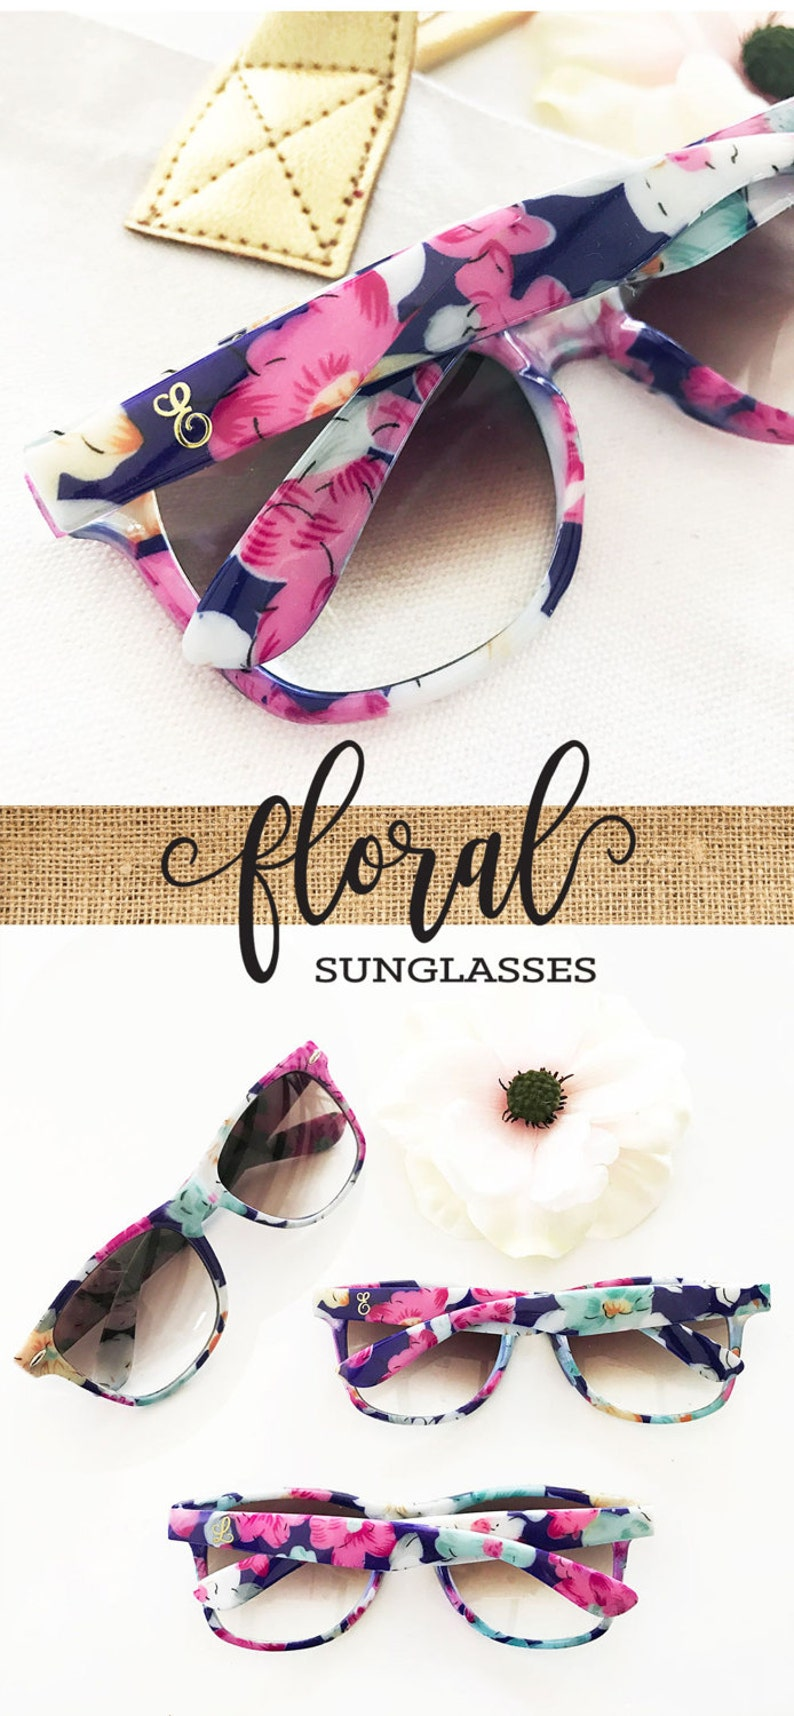 Monogram Sunglasses Bridesmaid Sunglasses Unique Bridesmaid Gift Bridal Shower Gift Floral Bridal Shower Favors Floral Sunglasses (EB3203M) photo